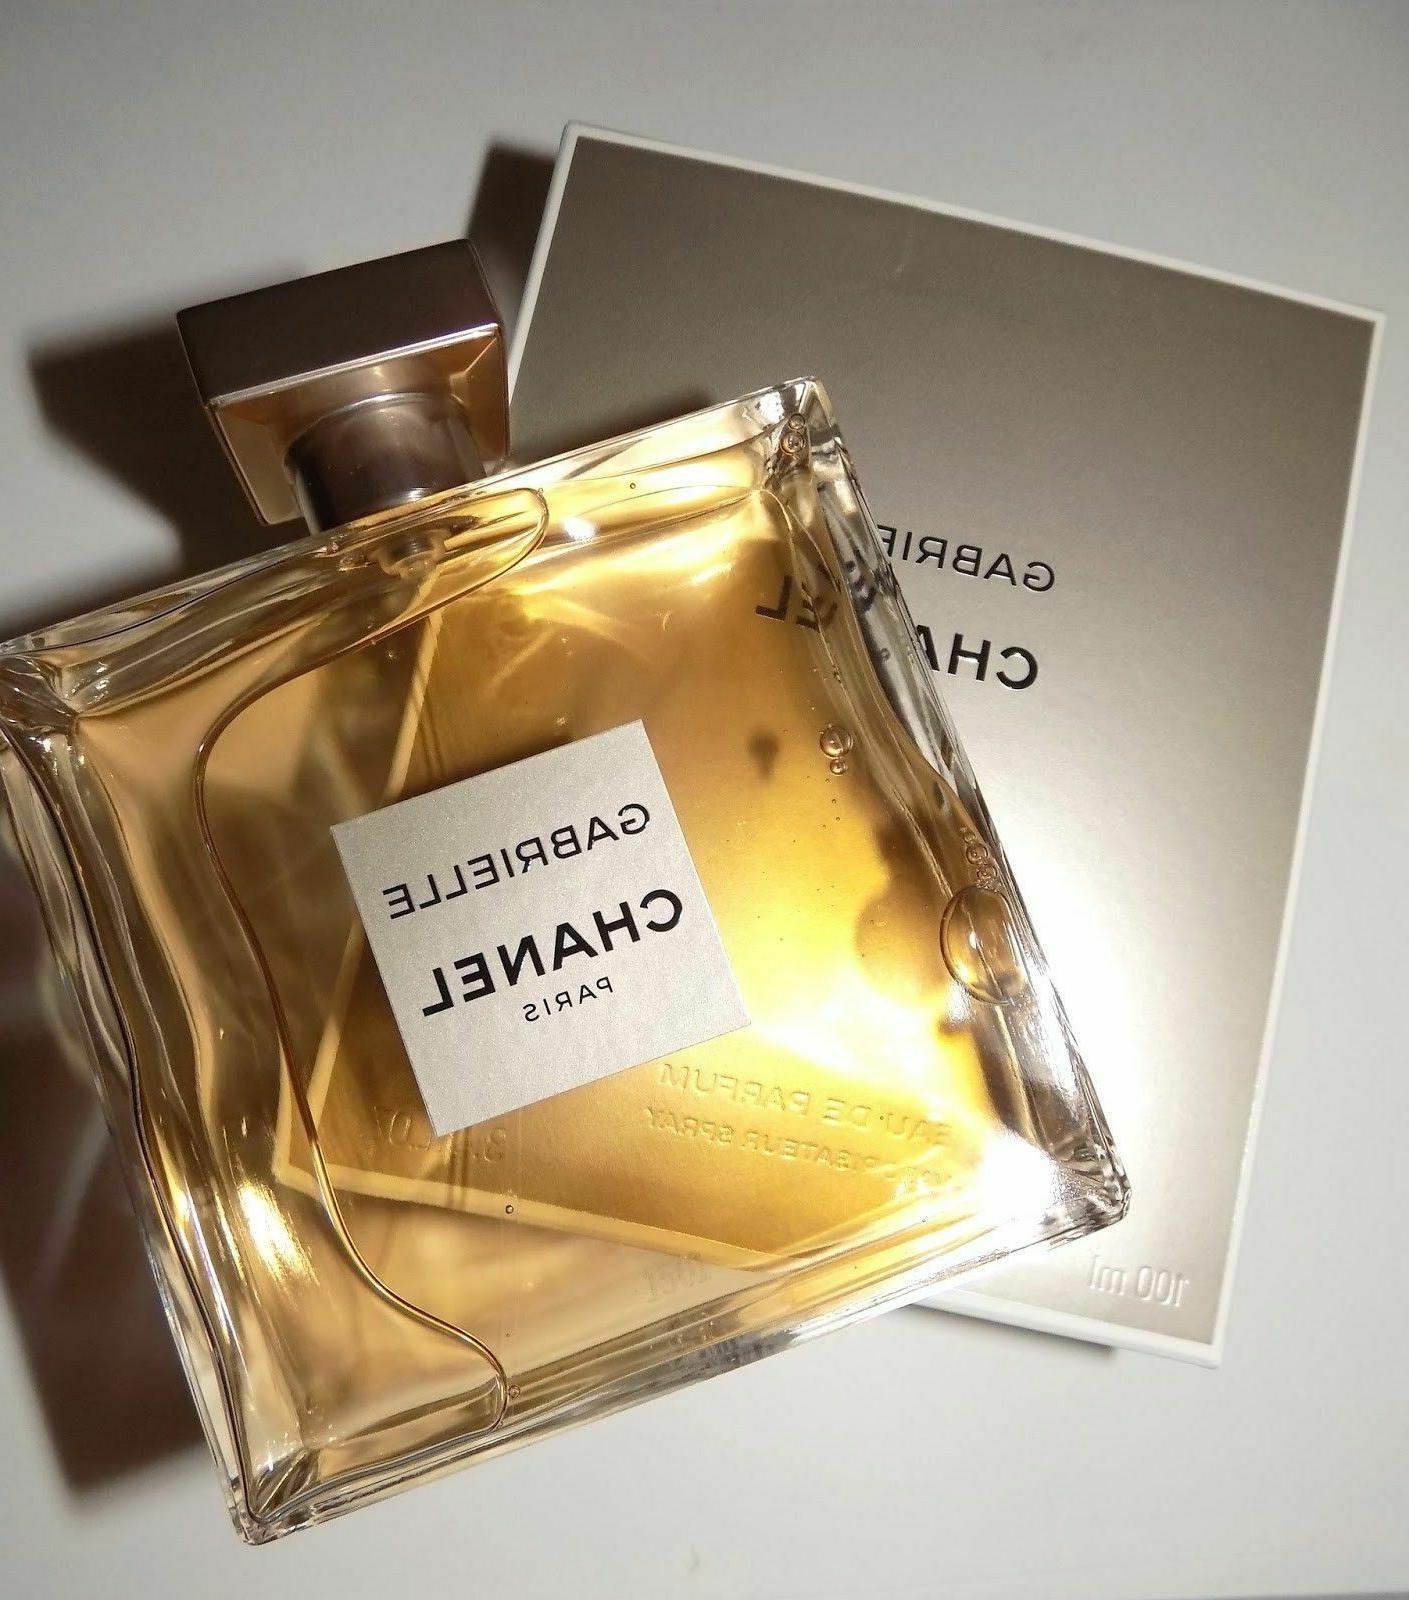 gabrielle women perfume edp 1 2 5ml